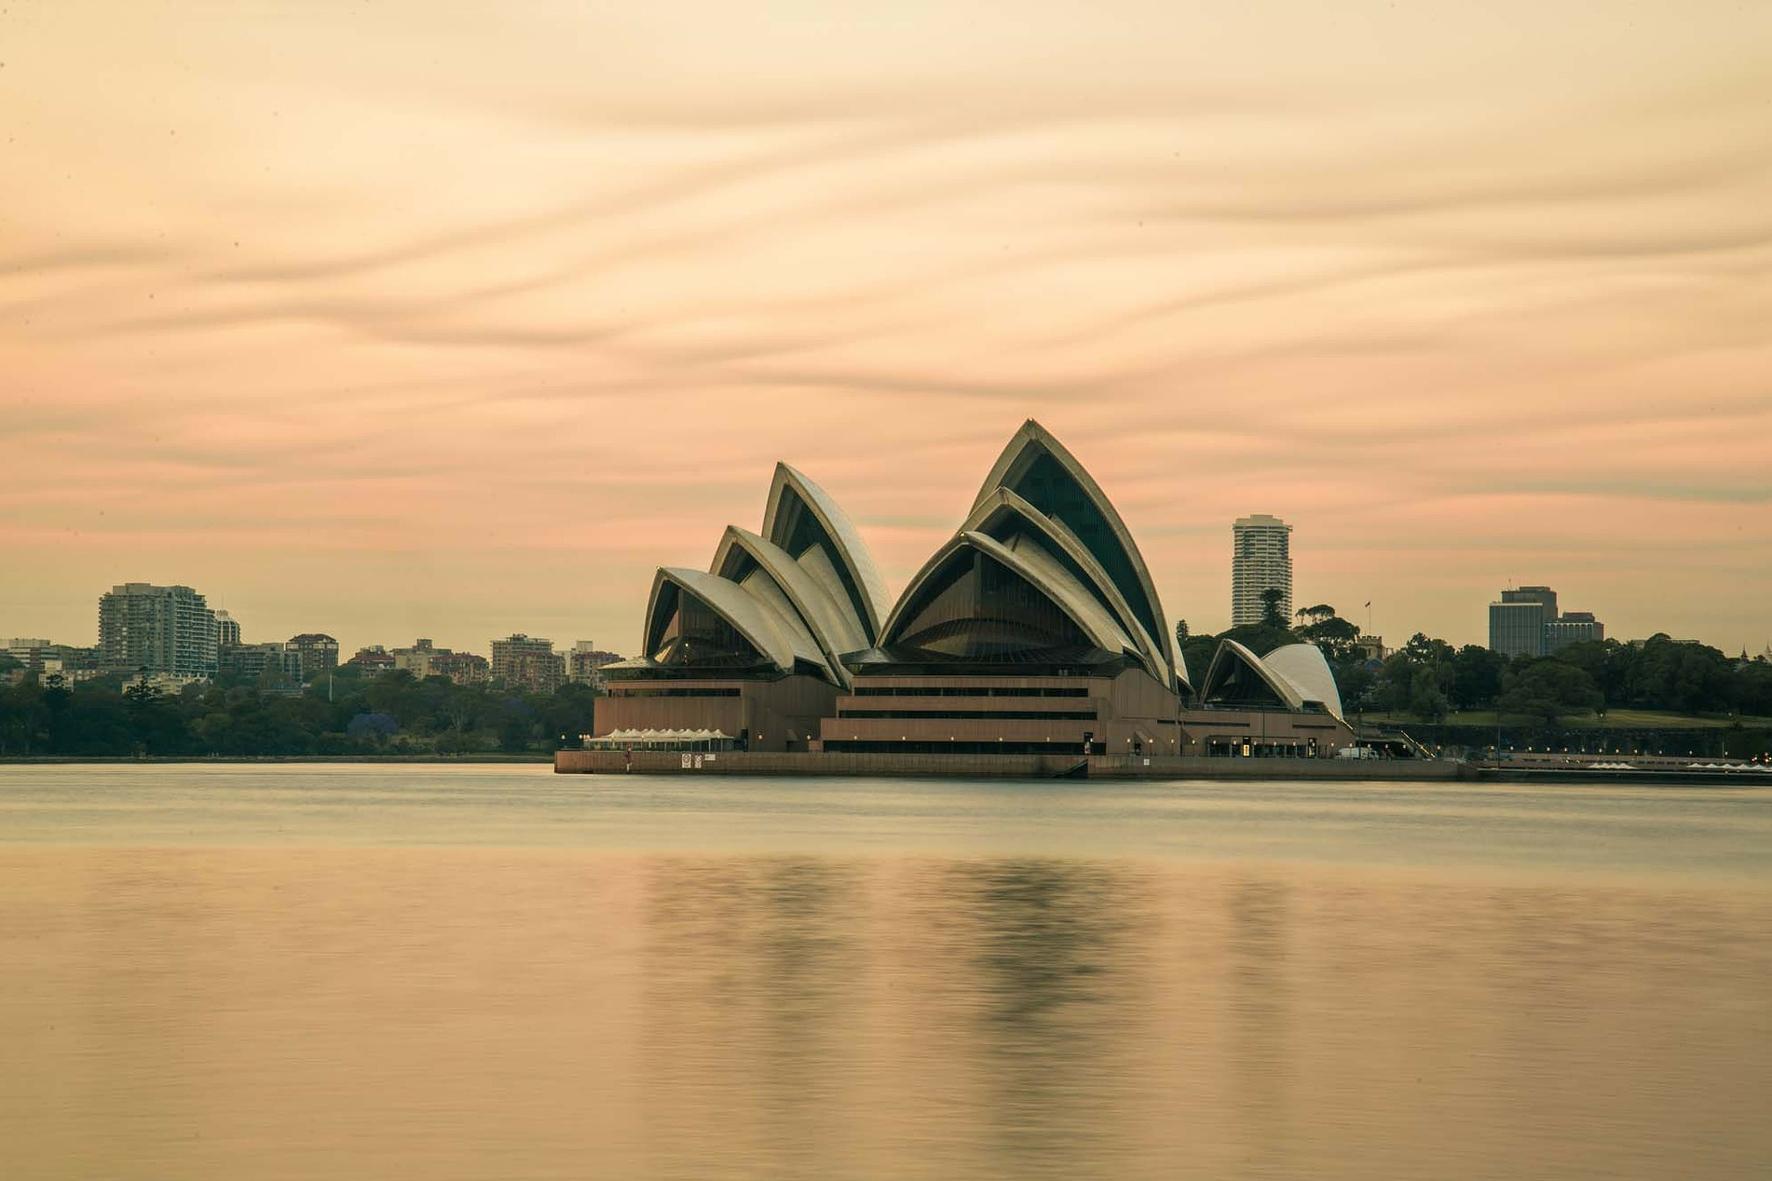 mid Groß-Gerau - Seit Monaten liegt die australische Metropole Sydney wegen der Buschfeuer unter einer riesigen Dunstglocke. pattyjansen / pixabay.com